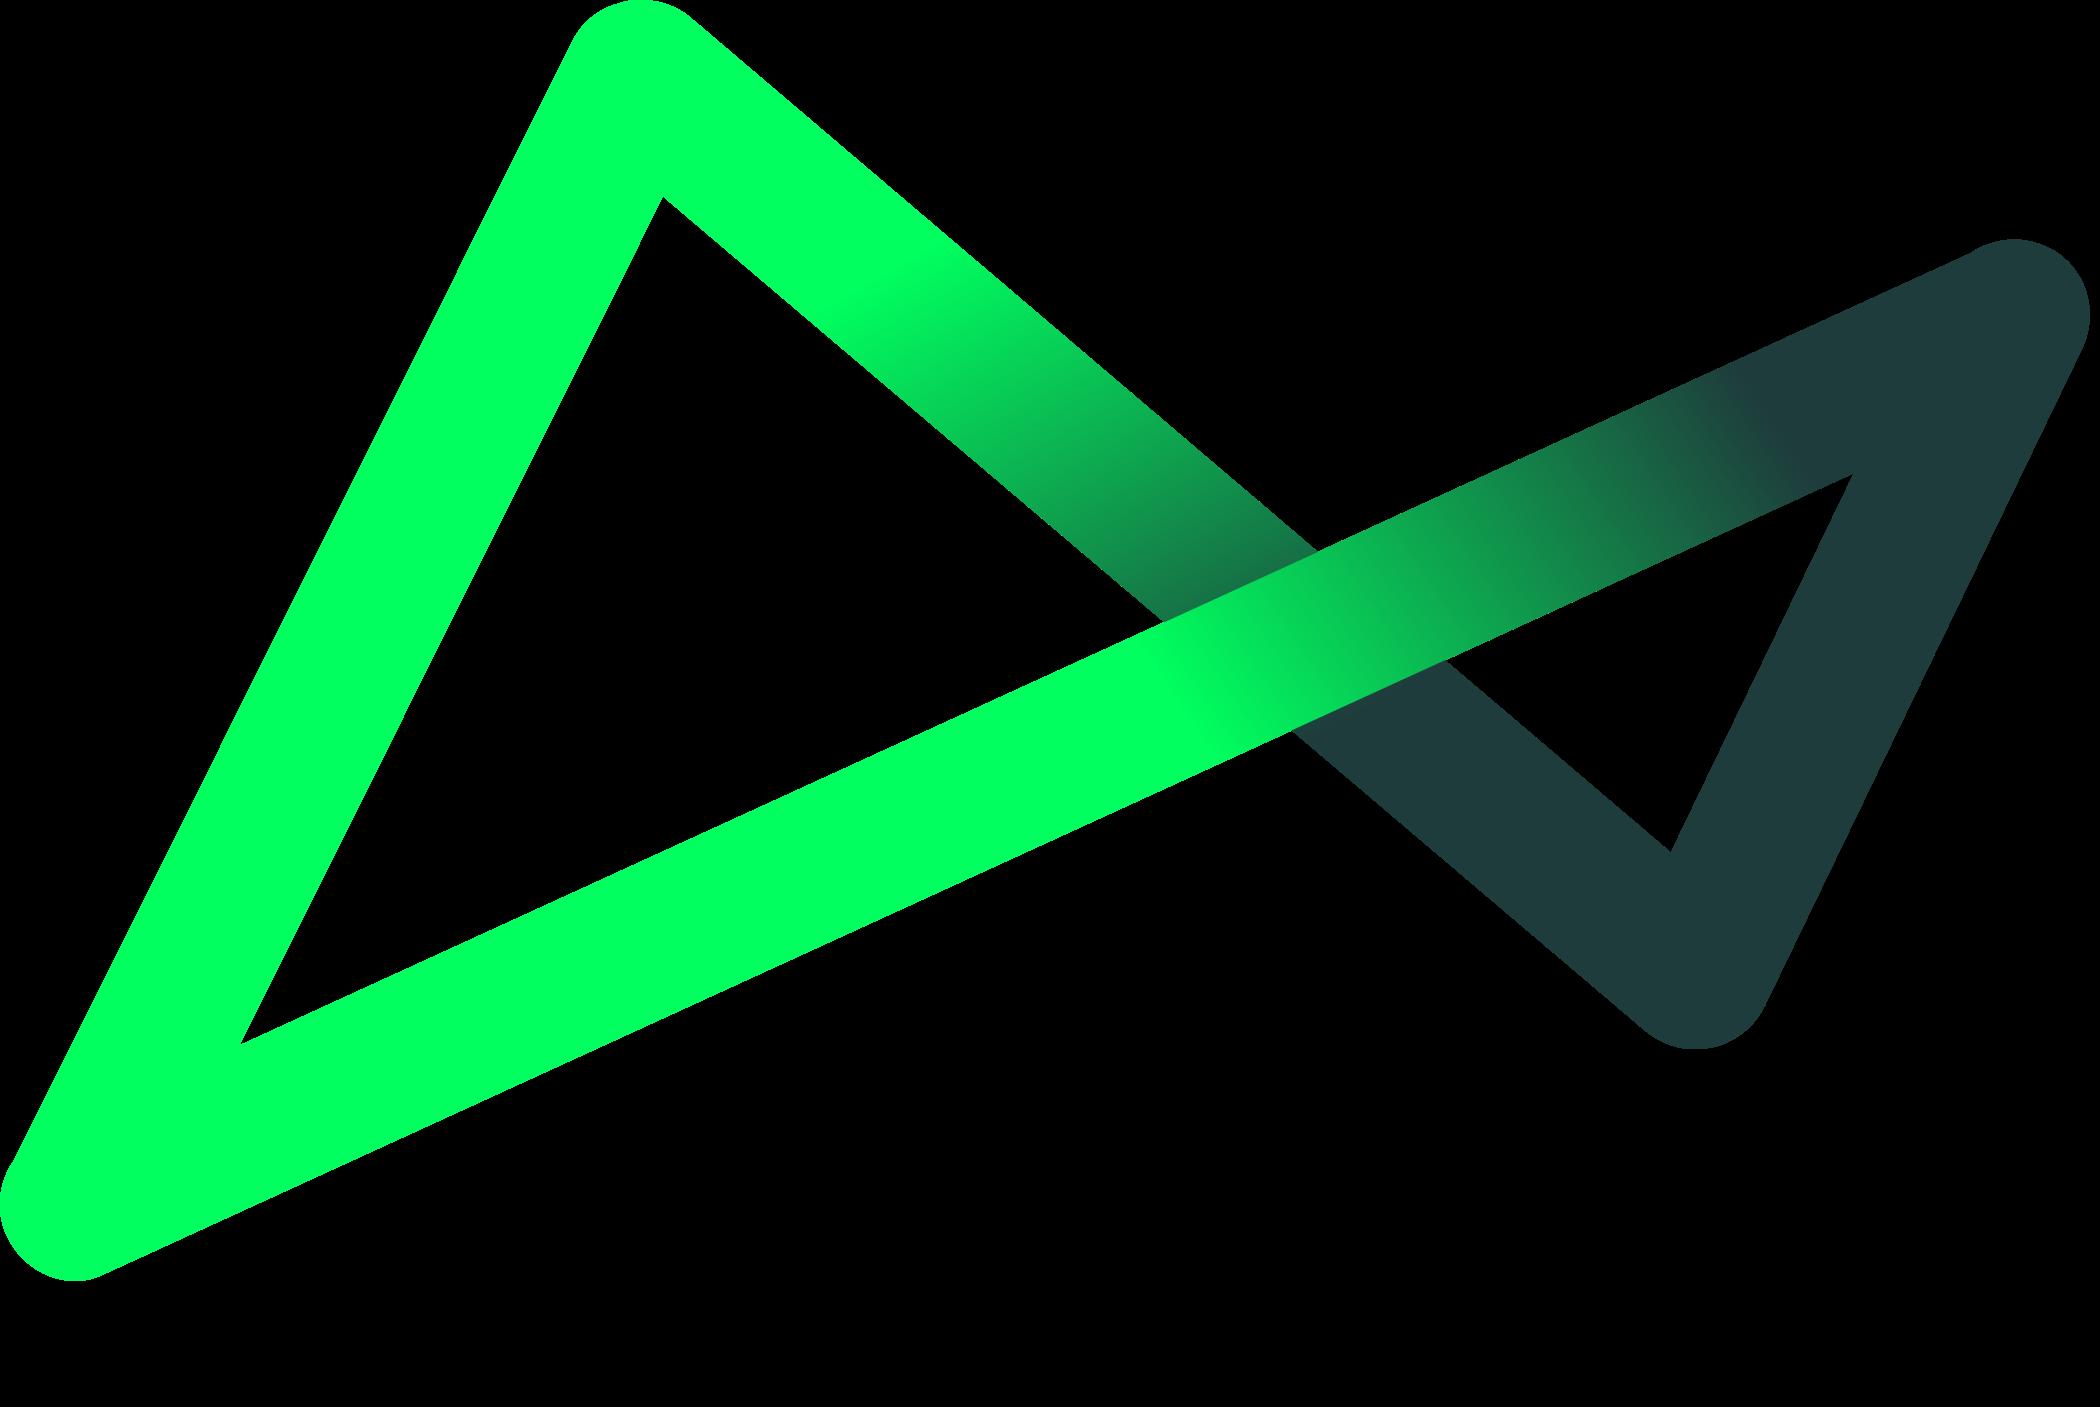 Next Logo, Banco.